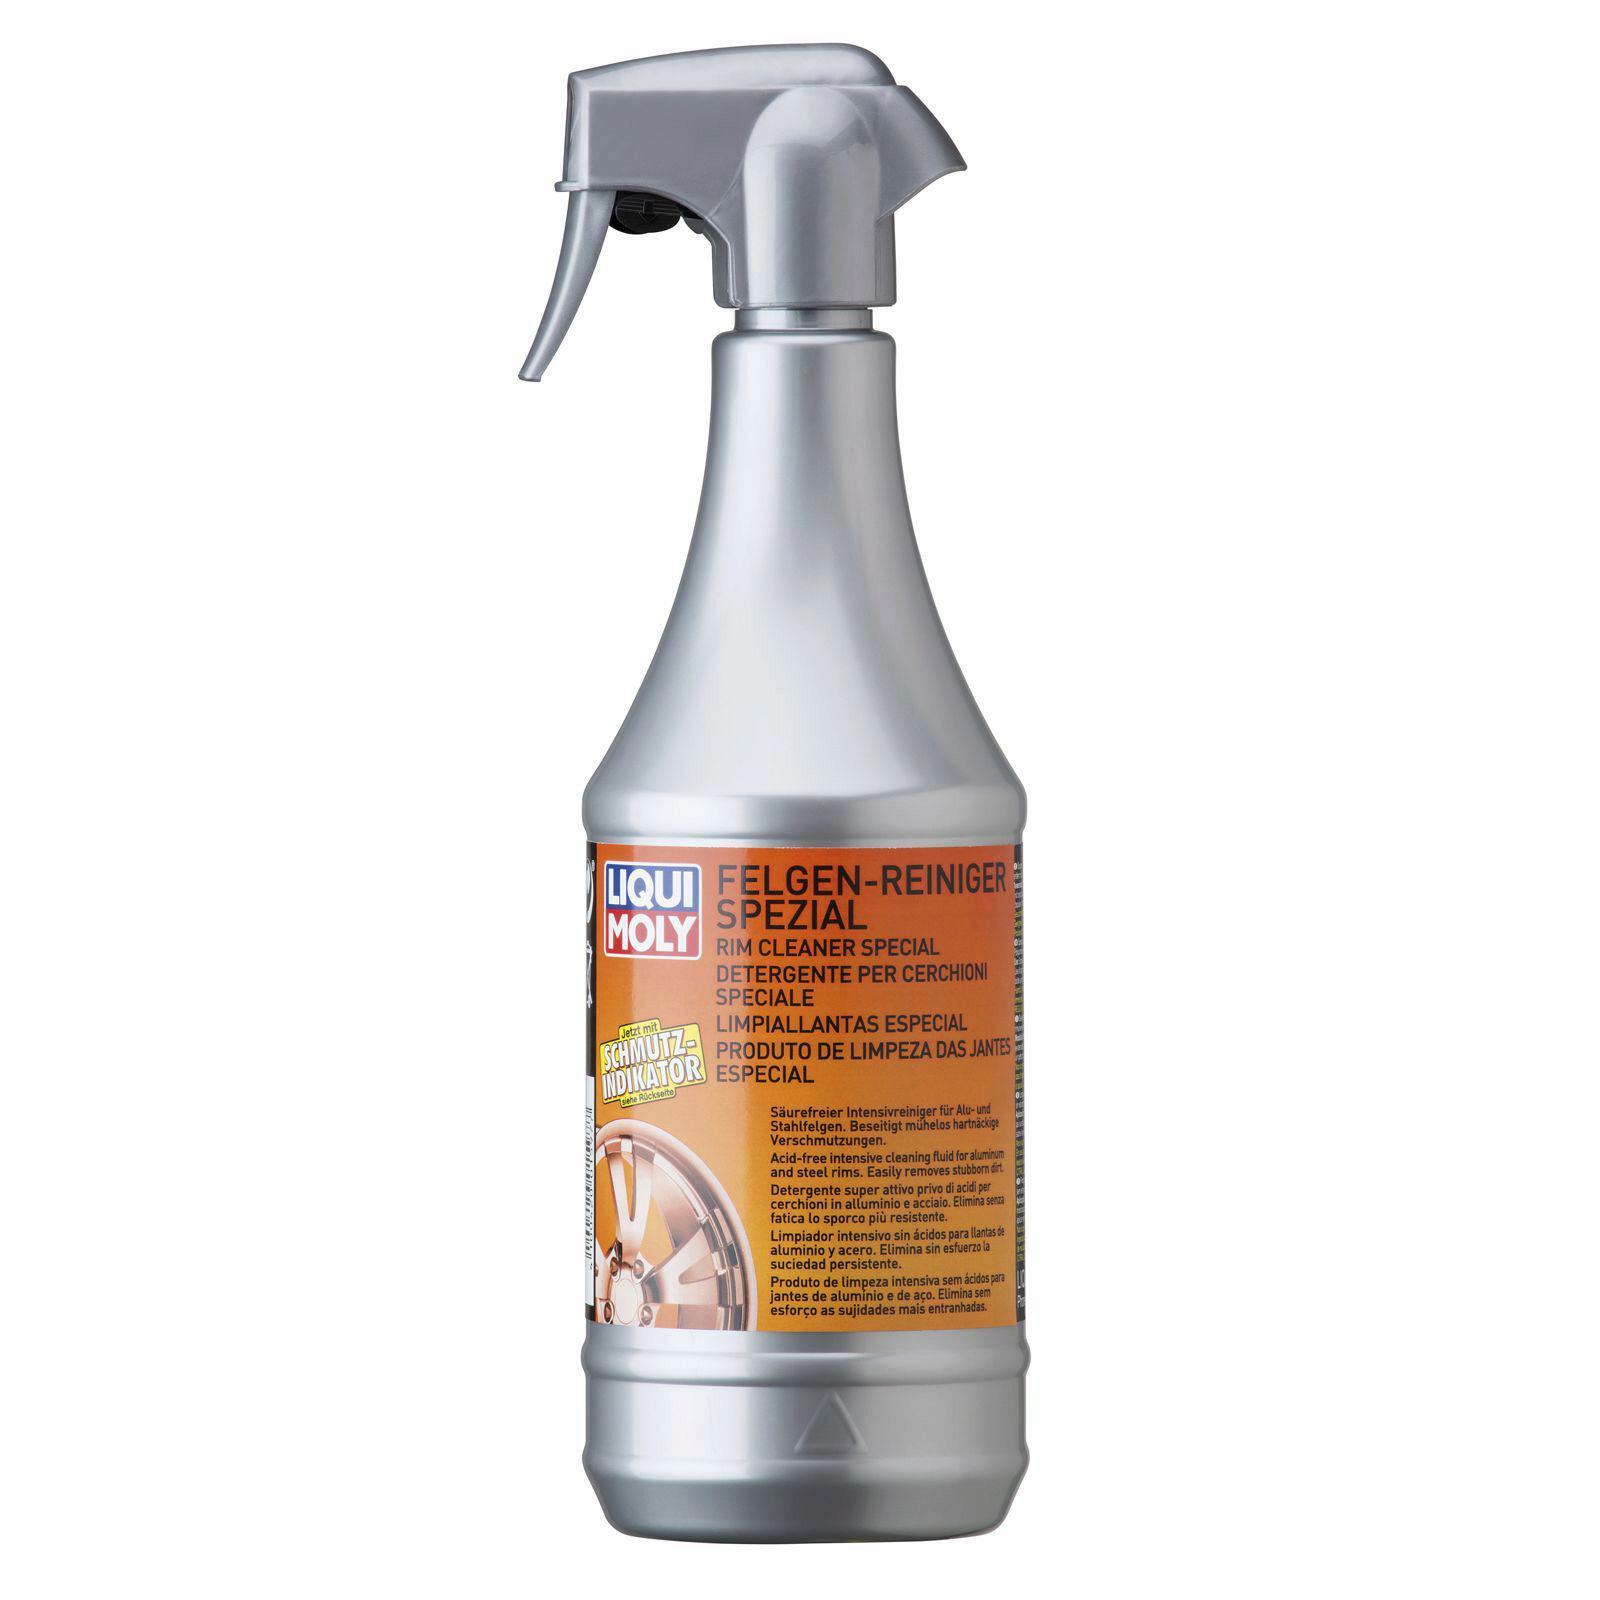 Liqui Moly Felgen-Reiniger-Spezial 1l